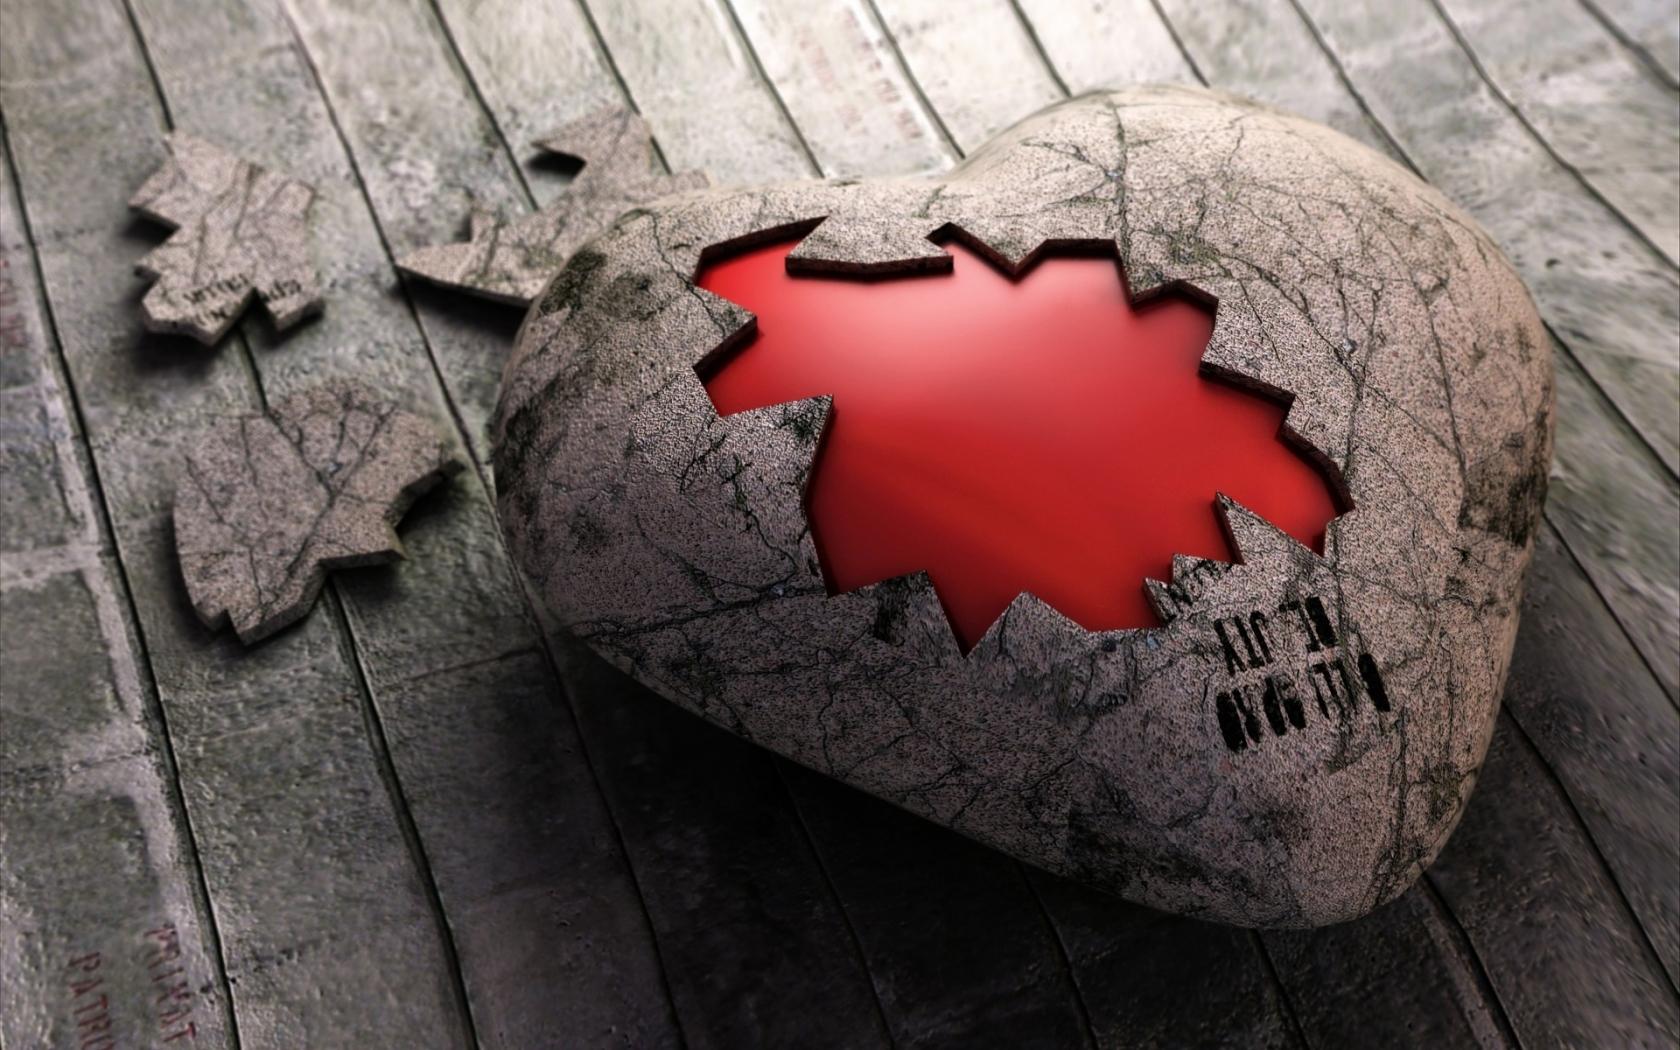 Un rompecabezas de corazón - 1680x1050